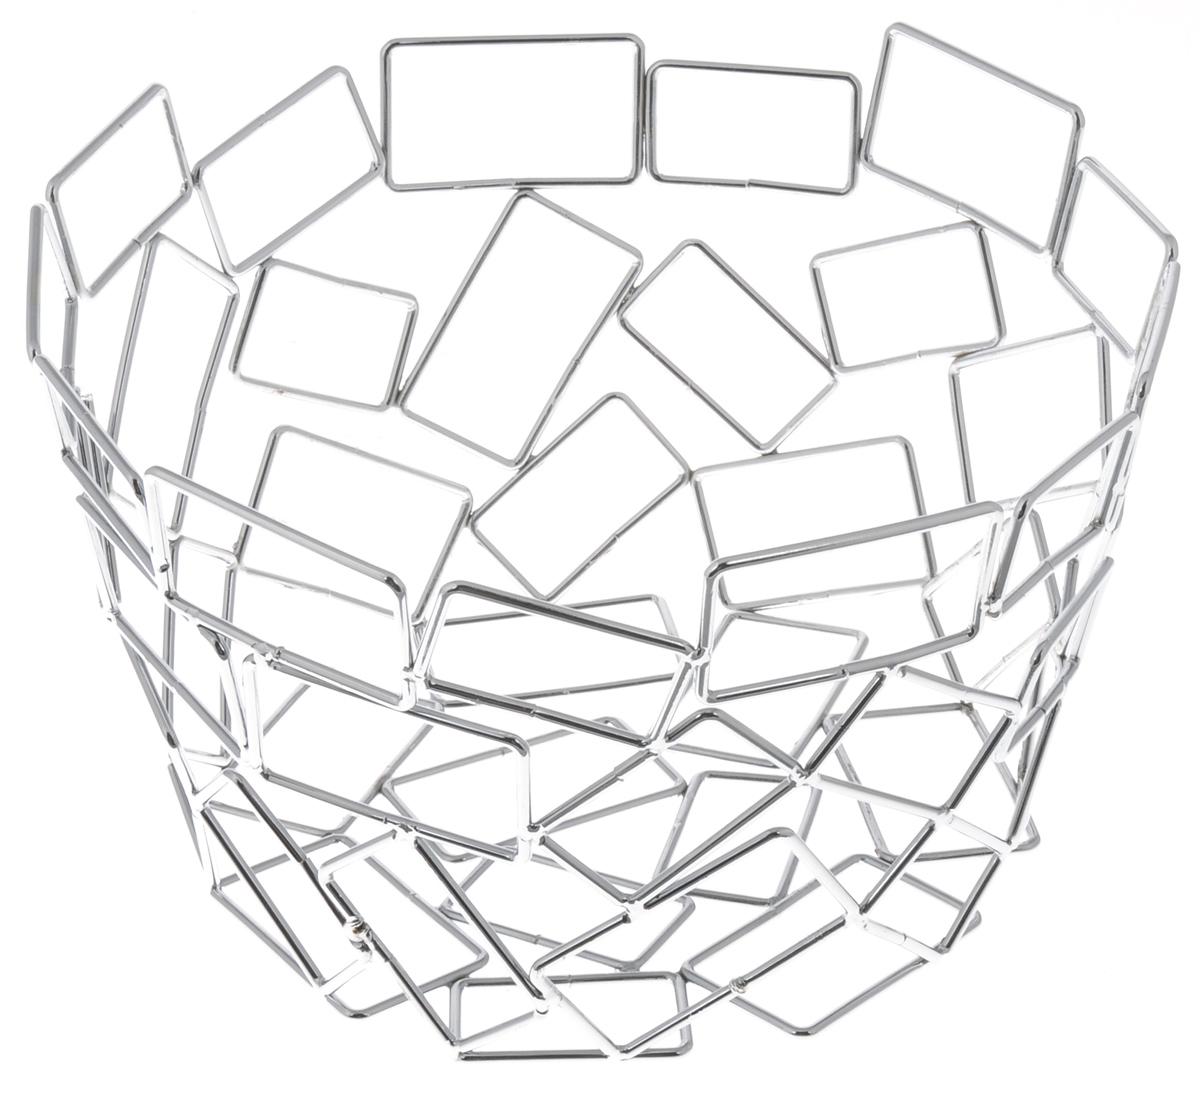 Фруктовница Guterwahl, круглая, диаметр 23 см. YSH-1104YSH-1104Оригинальная фруктовница Guterwahl, изготовленная из нержавеющей стали с хромированной поверхностью, идеально подходит для хранения и красивой сервировки любых фруктов. Современный дизайн фруктовницы идеально впишется в интерьер вашей кухни. Изделие рекомендуется мыть вручную с применением любых неабразивных моющих средств. Не рекомендуется использование металлических щеток для чистки.Диаметр (по верхнему краю): 23 см.Высота: 14 см.